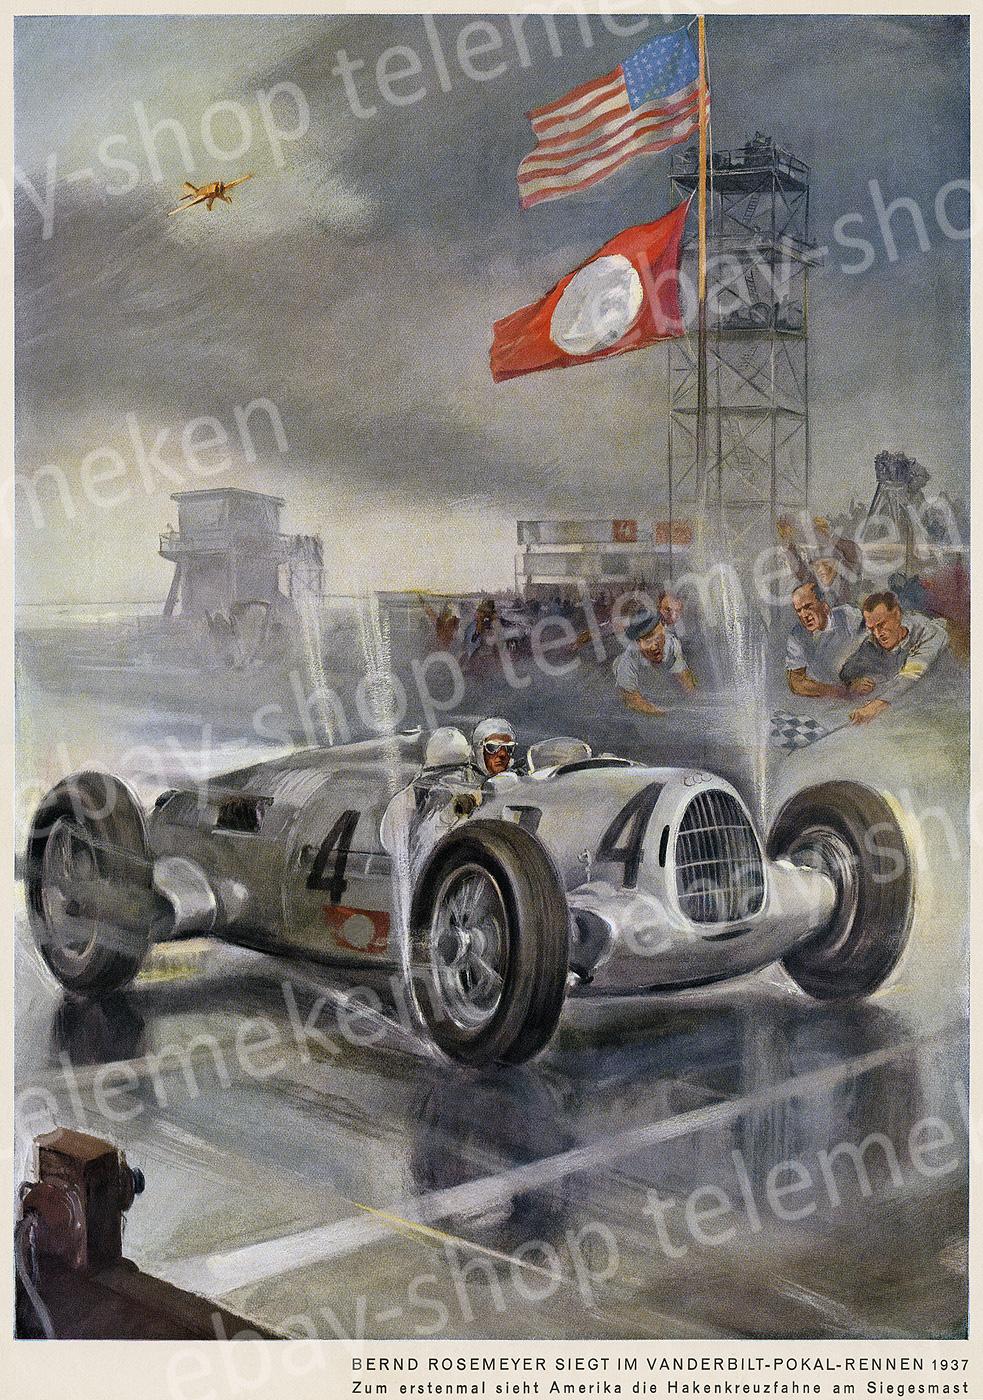 Rosemeyer Auto-Union Type C Rennwagen Vanderbilt-Cup Ziel Sieg ...